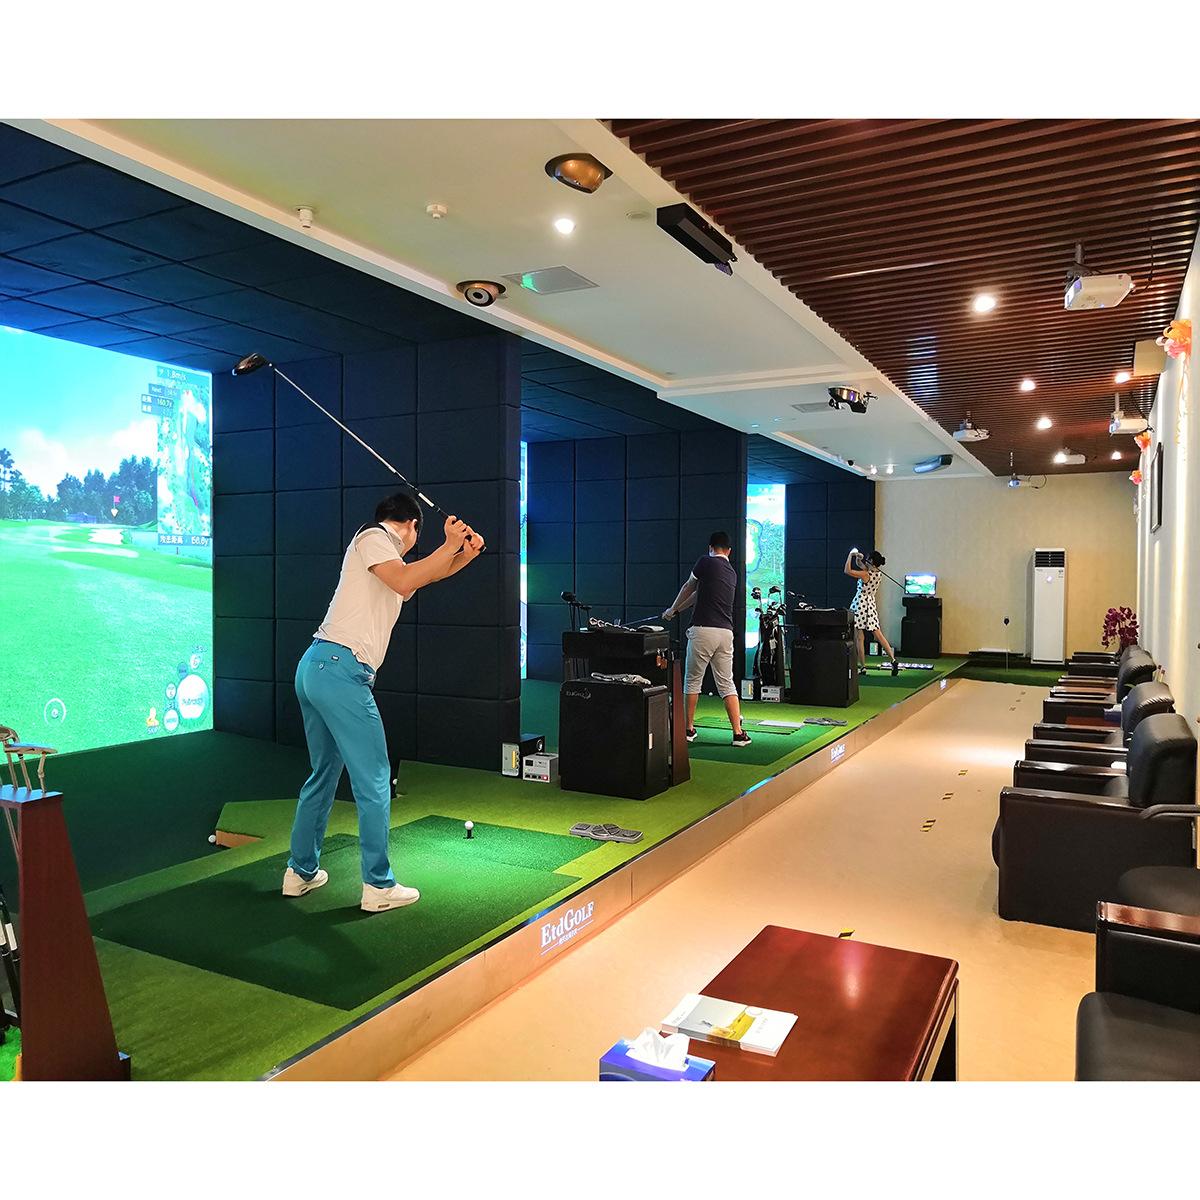 深圳 倚天达 体太福 中国总经销 高速摄像超高清模拟高尔夫设备